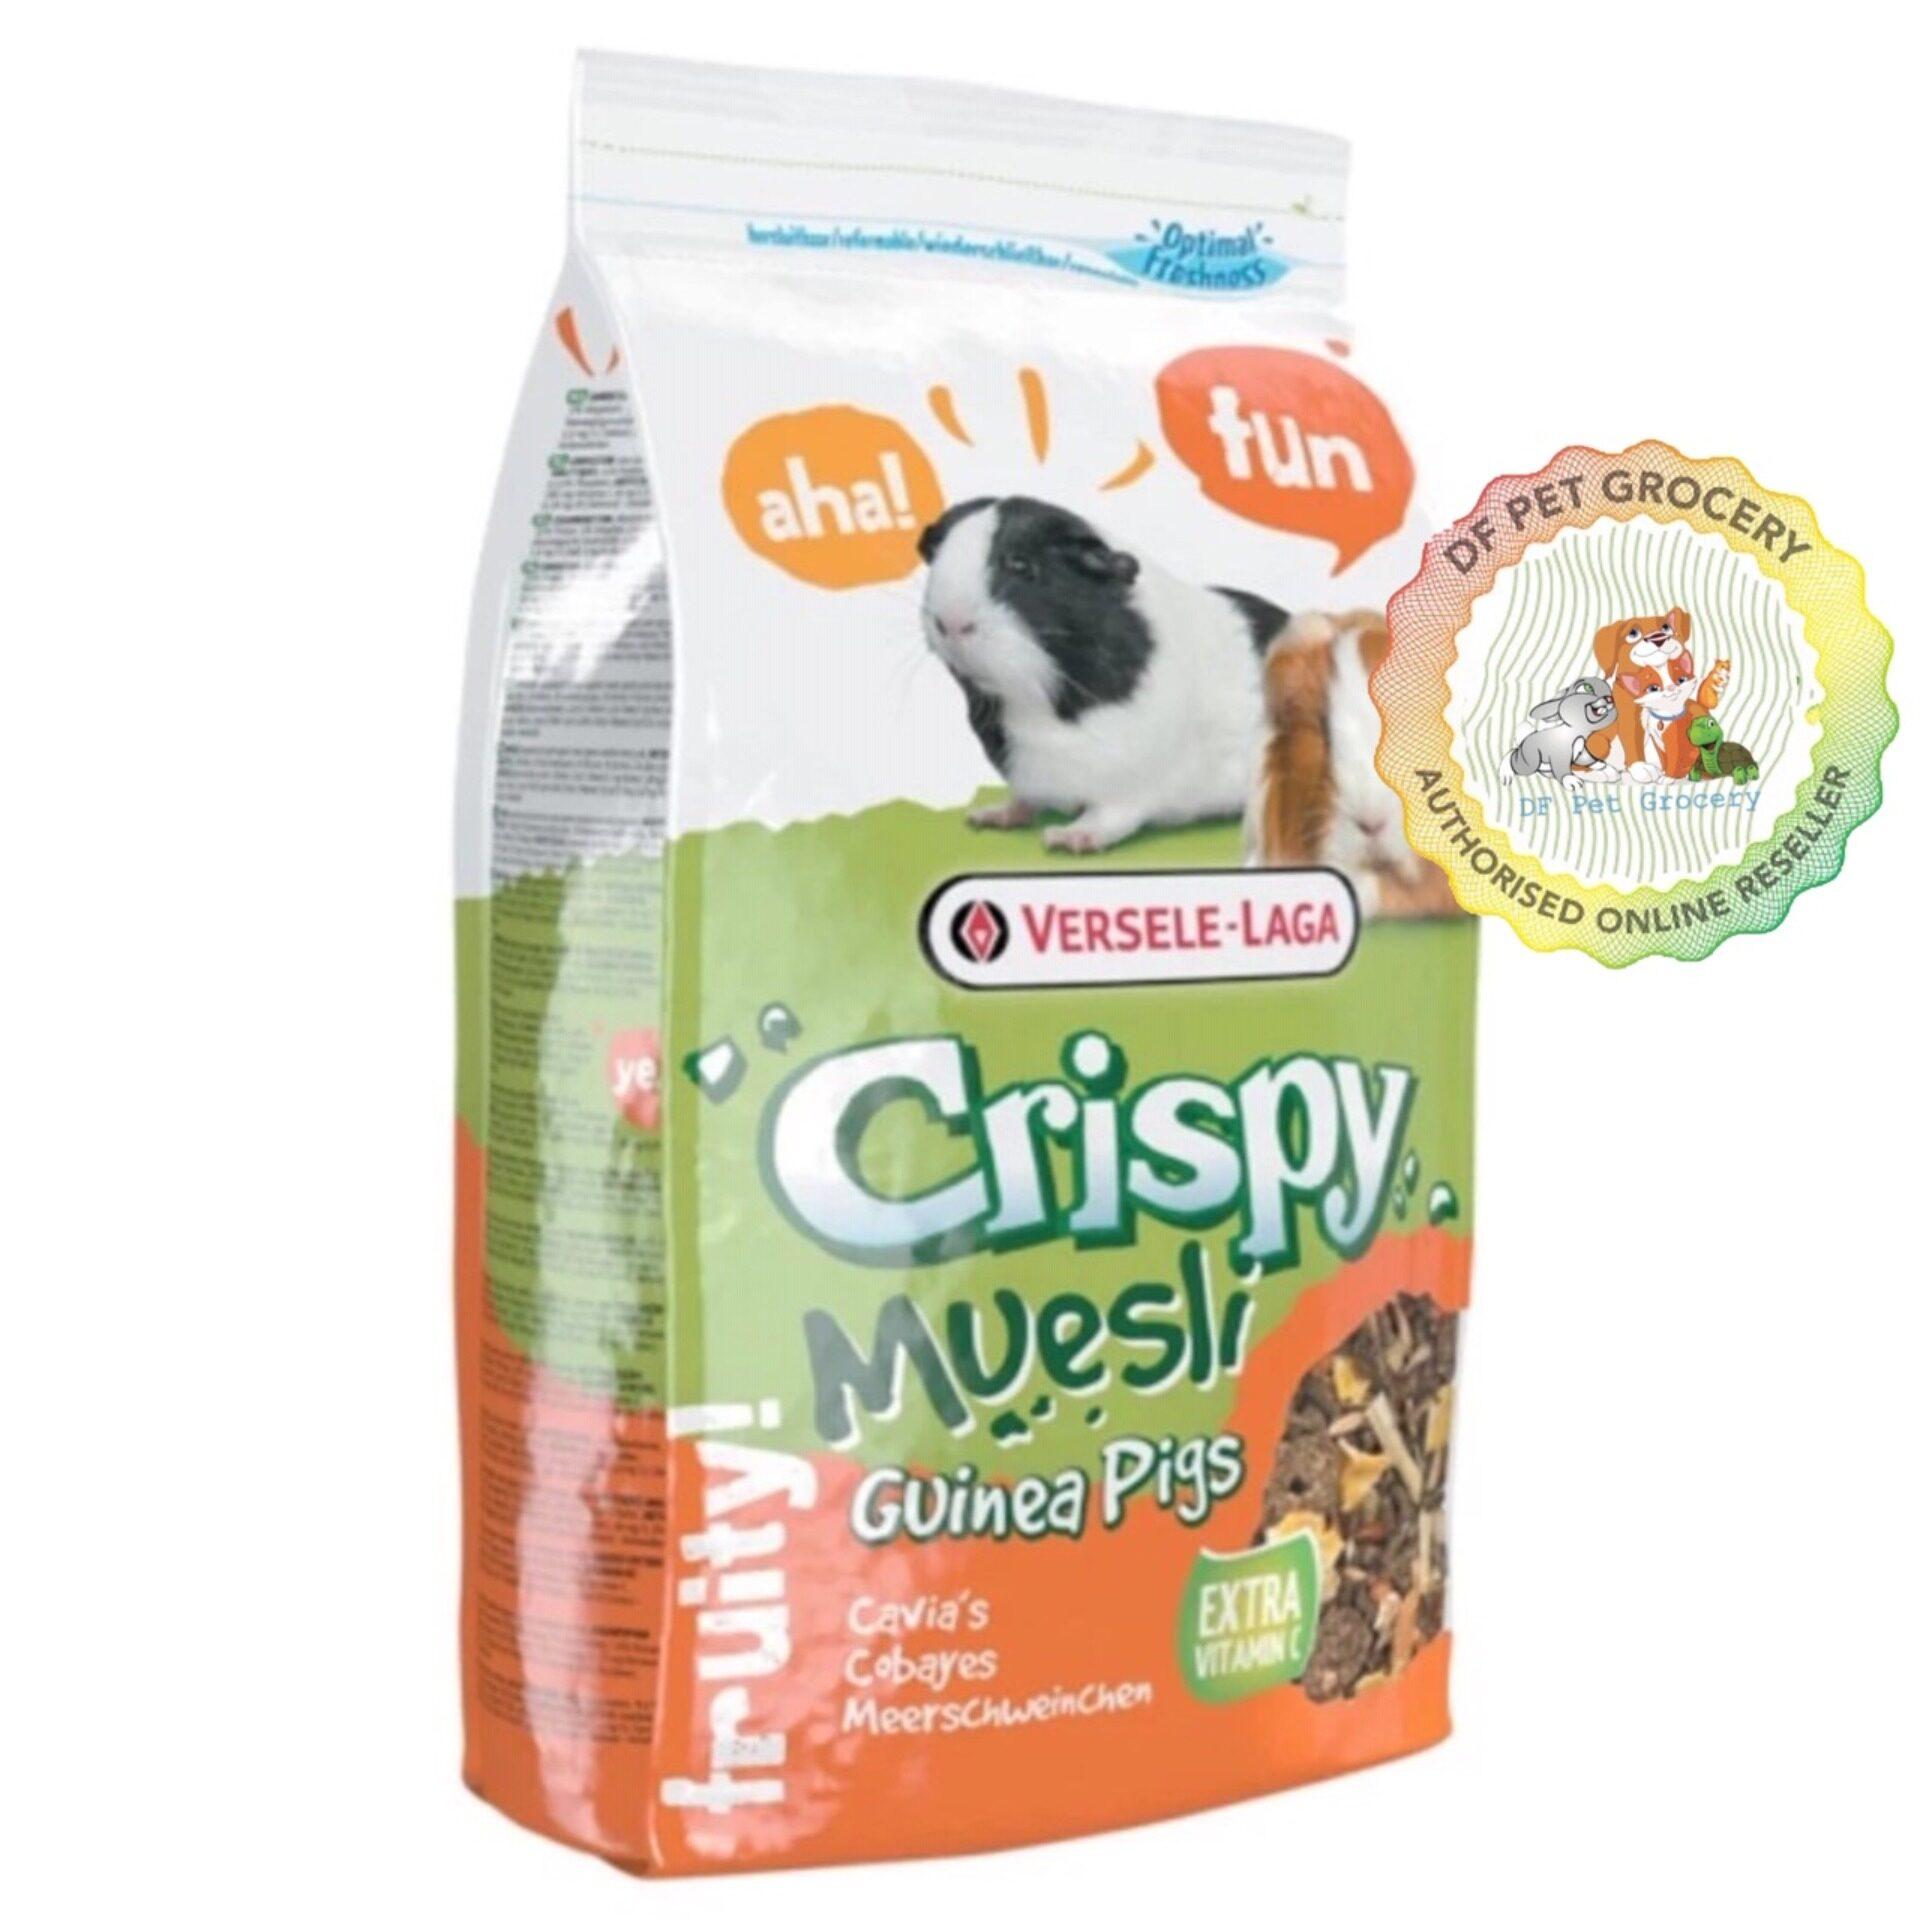 Versele Laga Crispy Muesli Guinea Pigs Food 1kg